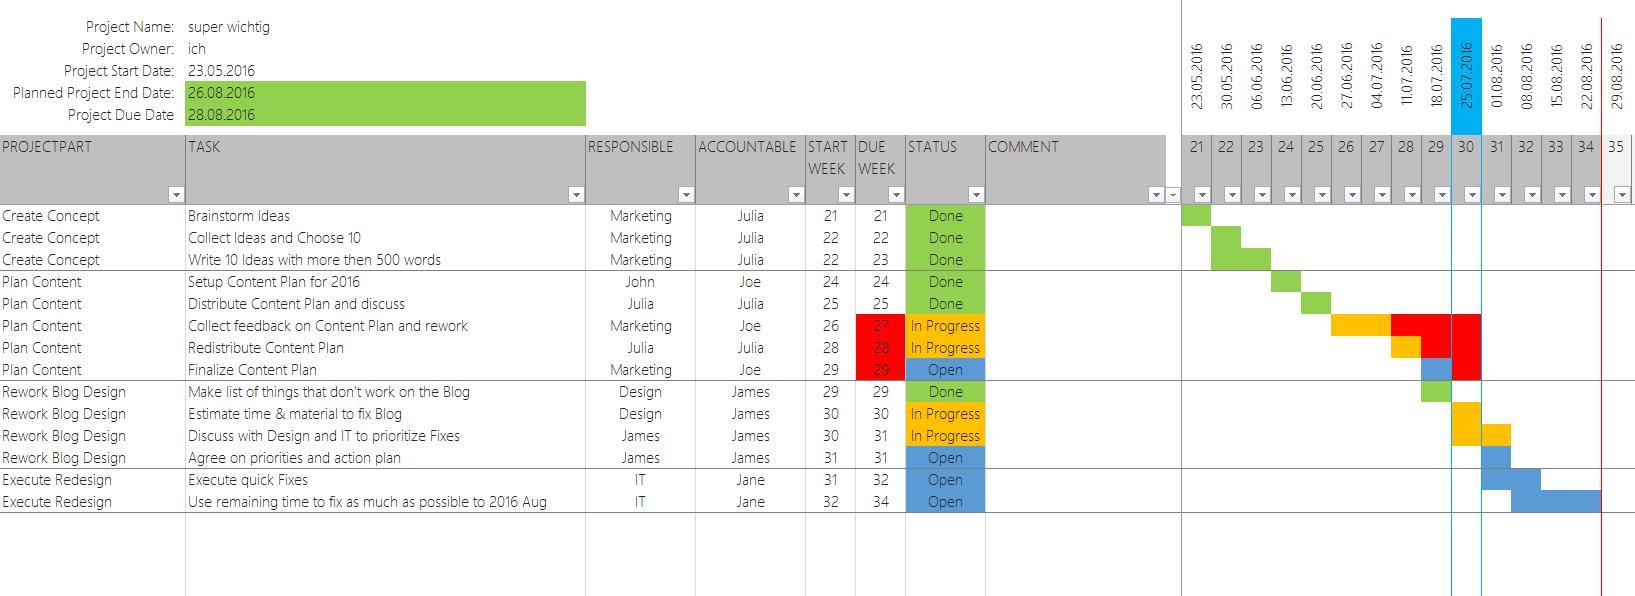 Kalenderwochen_update